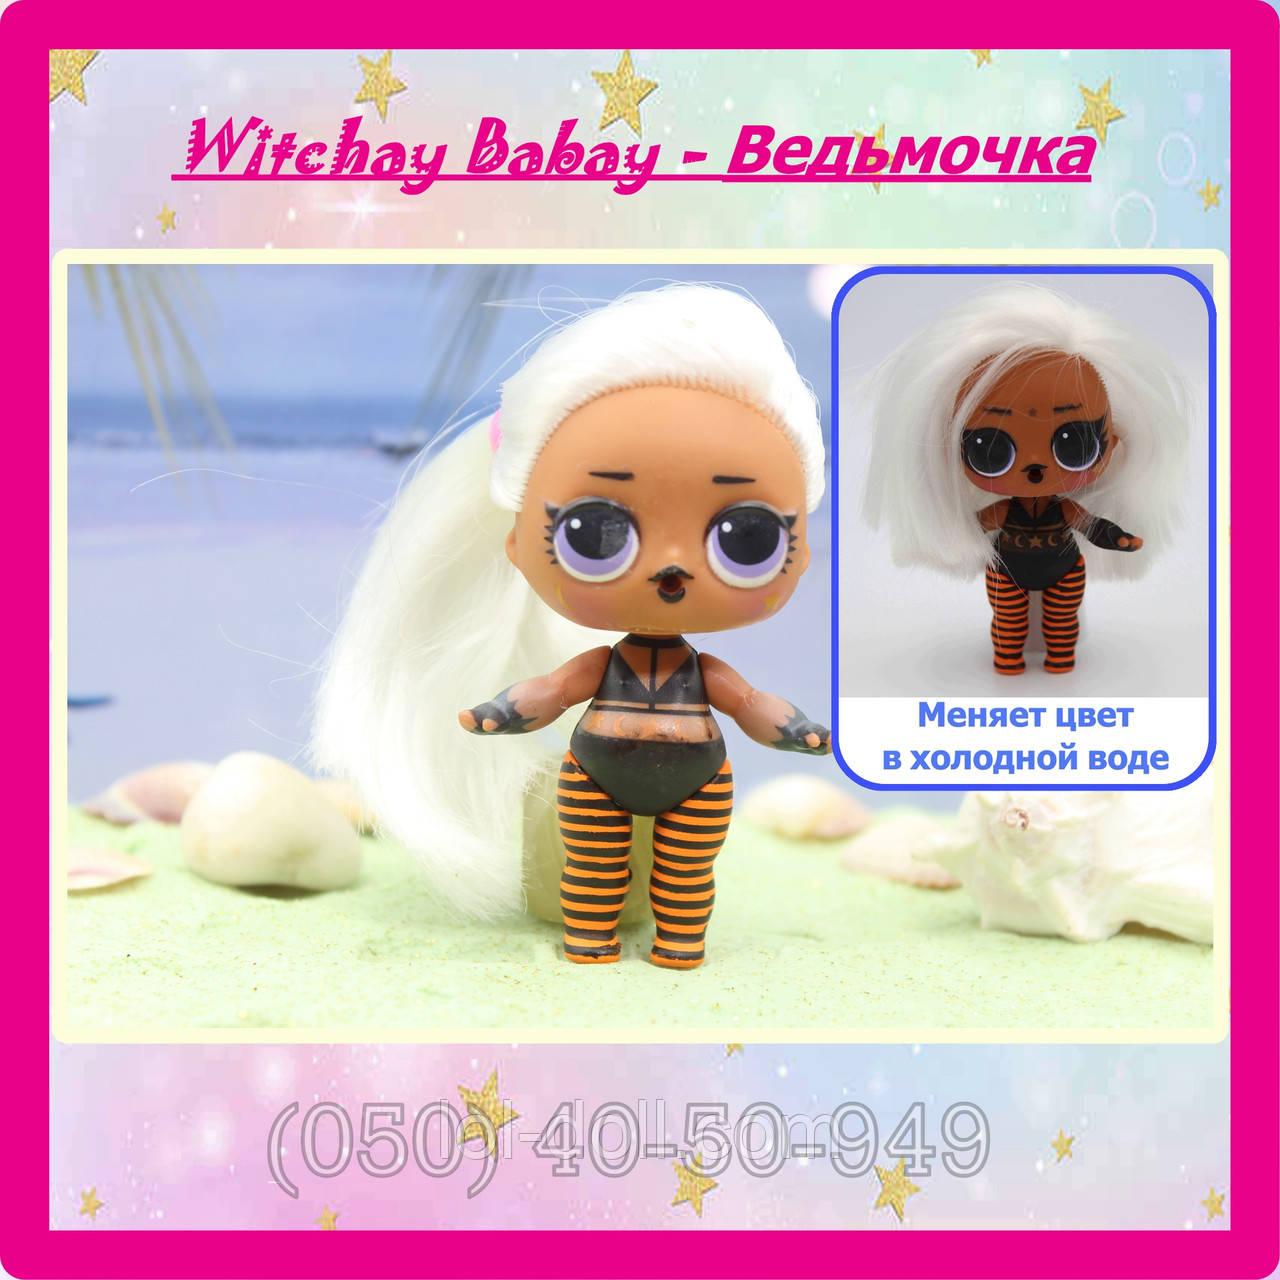 Нюд Кукла LOL Surprise 5 Серия Hairgoals Witchay Babay - Ведьмочка  Лол Сюрприз Оригинал